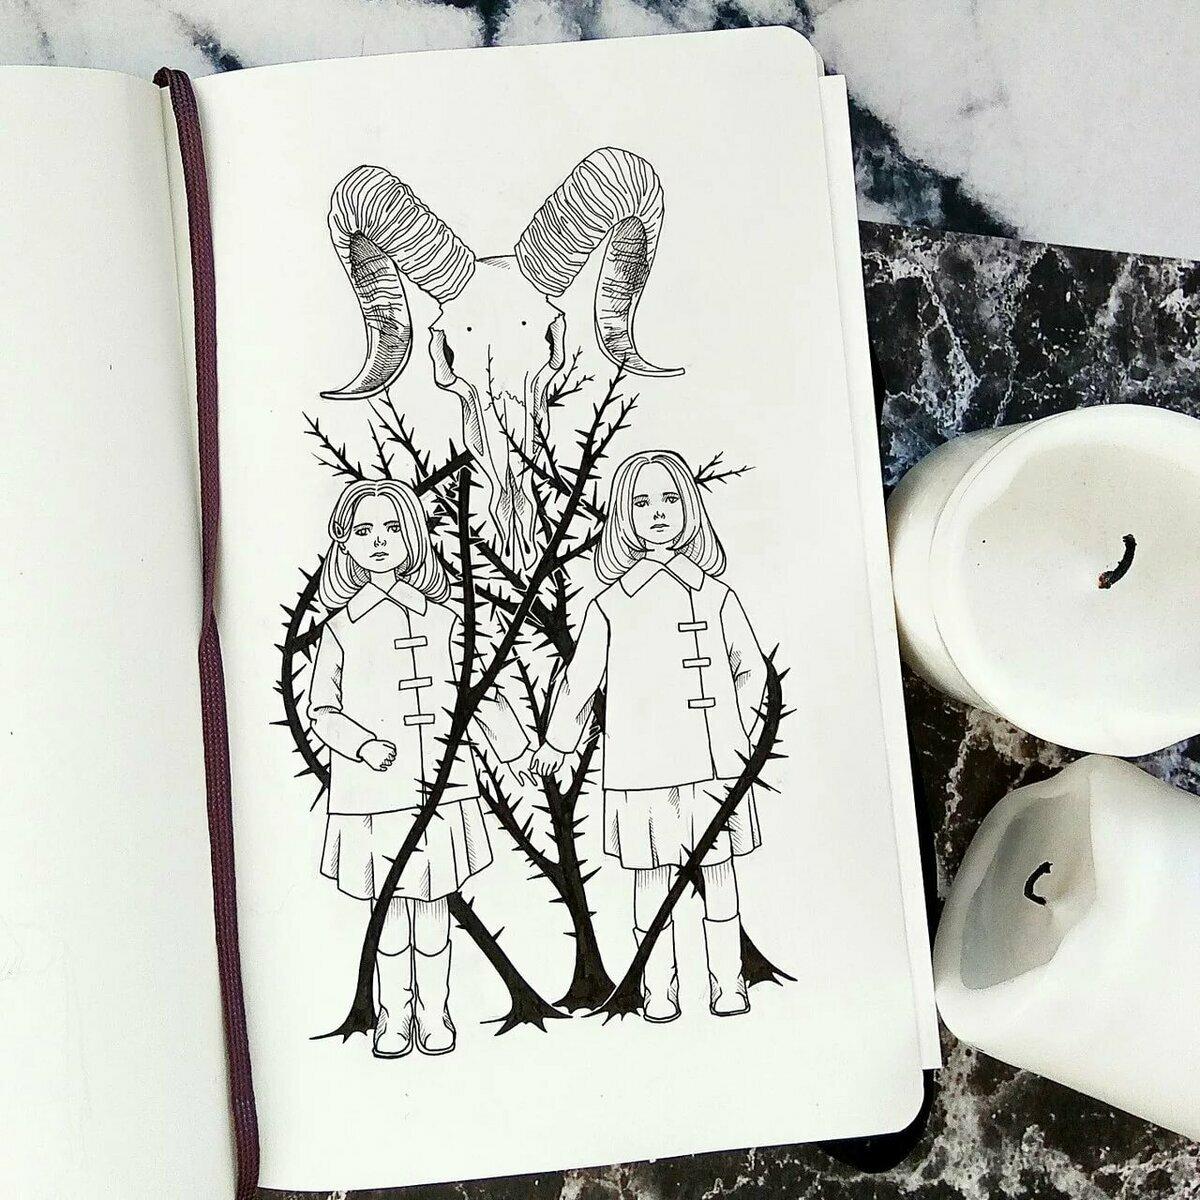 нас крутые картинки черной ручкой на магическую тему драгоценных камней